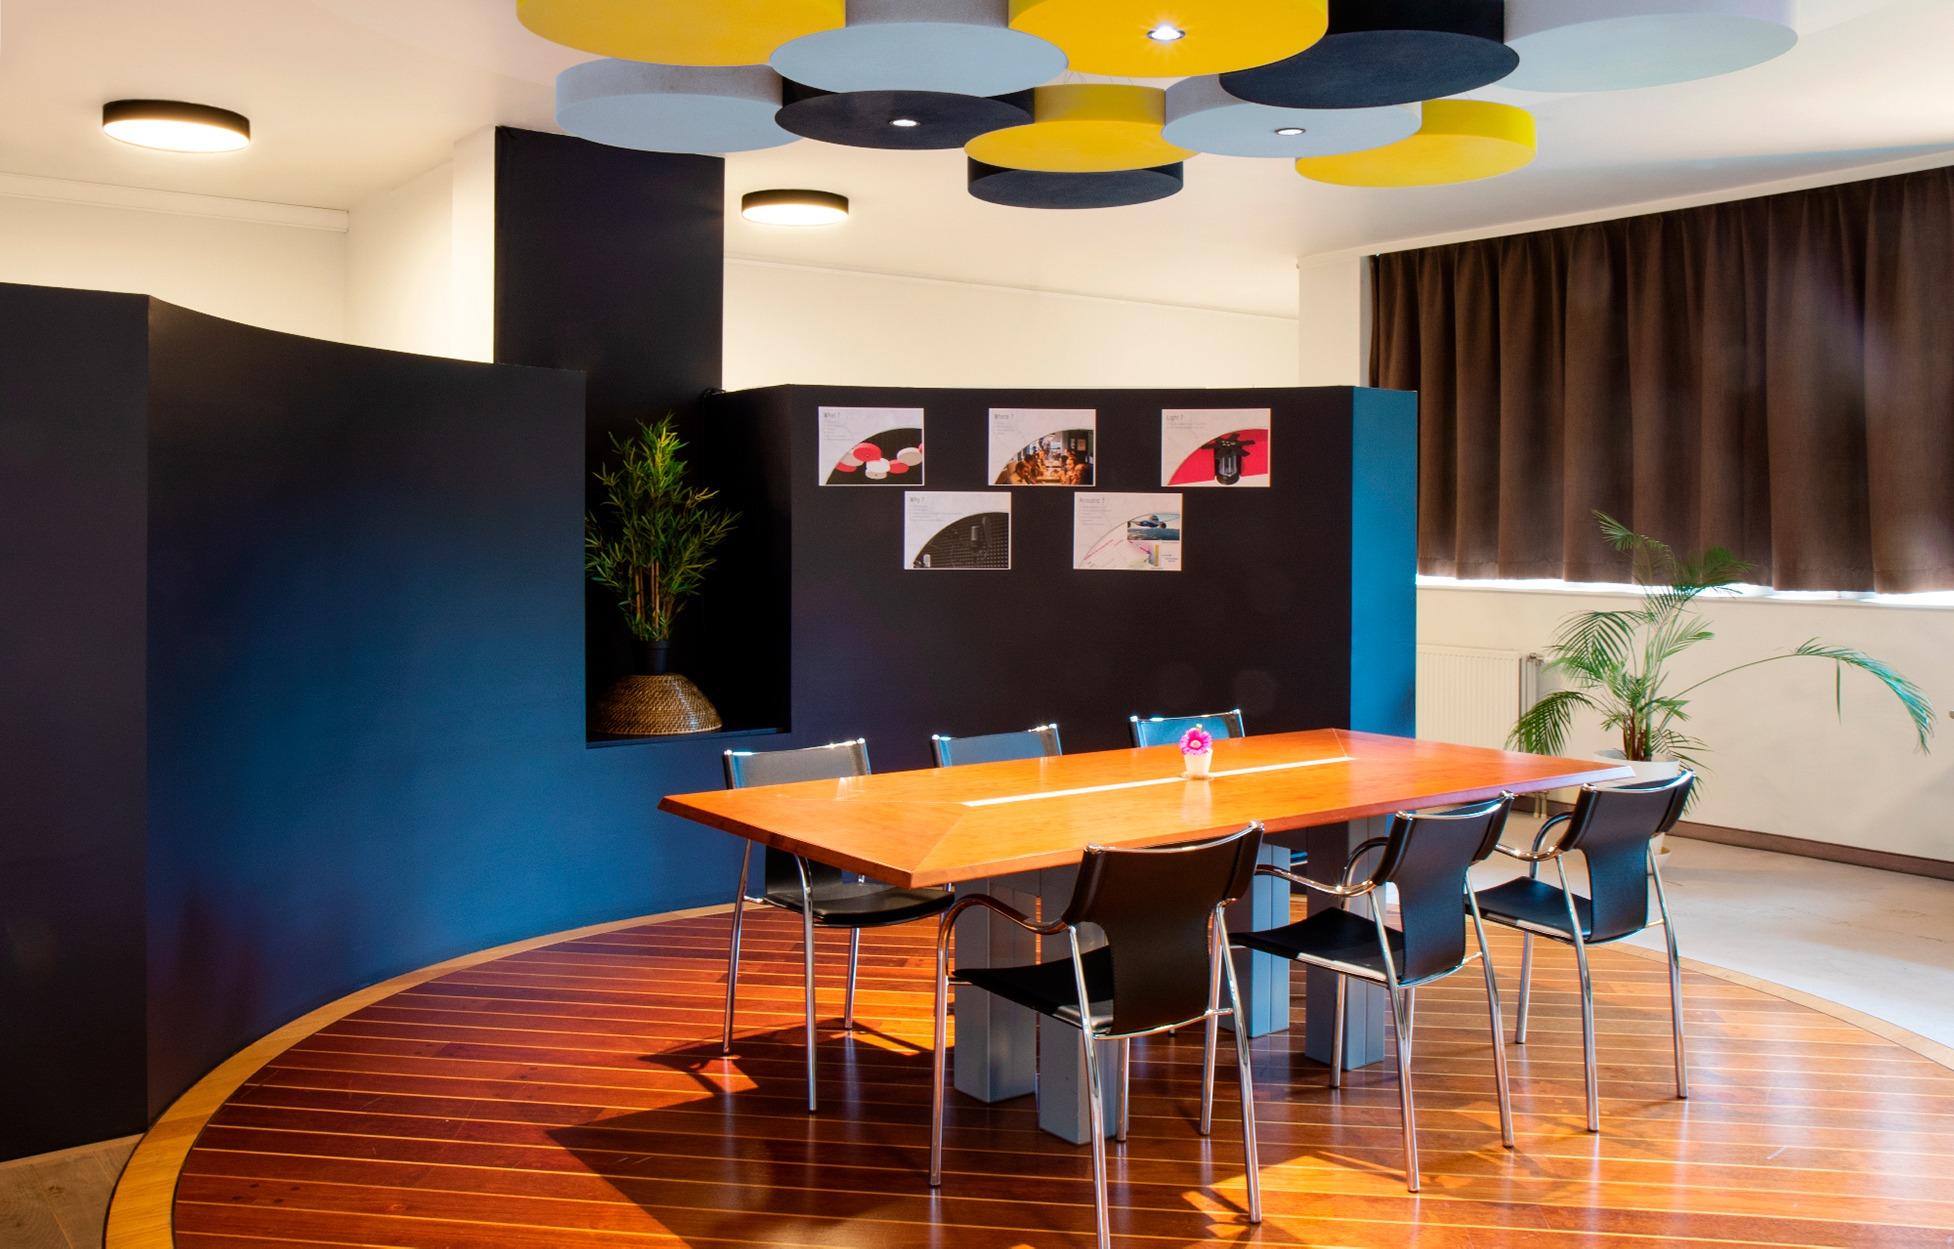 Eclairage acoustique dans une salle de réunion.